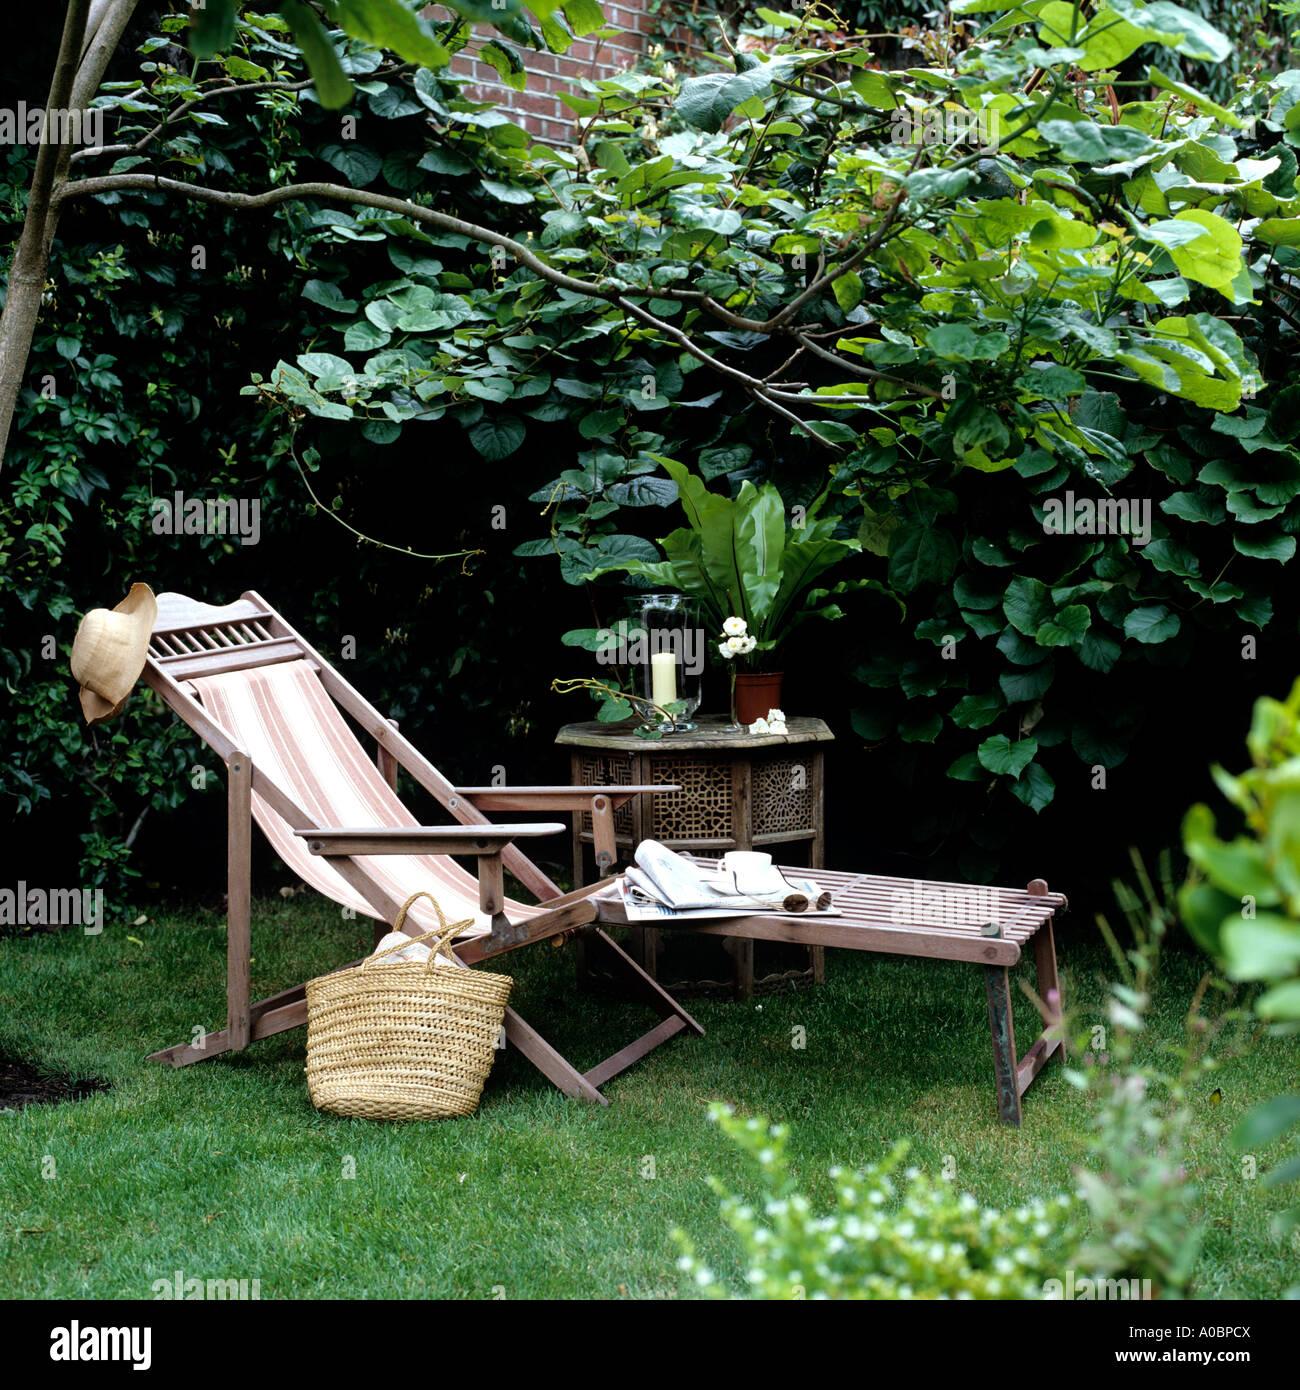 Garden Chair Straw Hat Stockfotos und  bilder Kaufen   Alamy